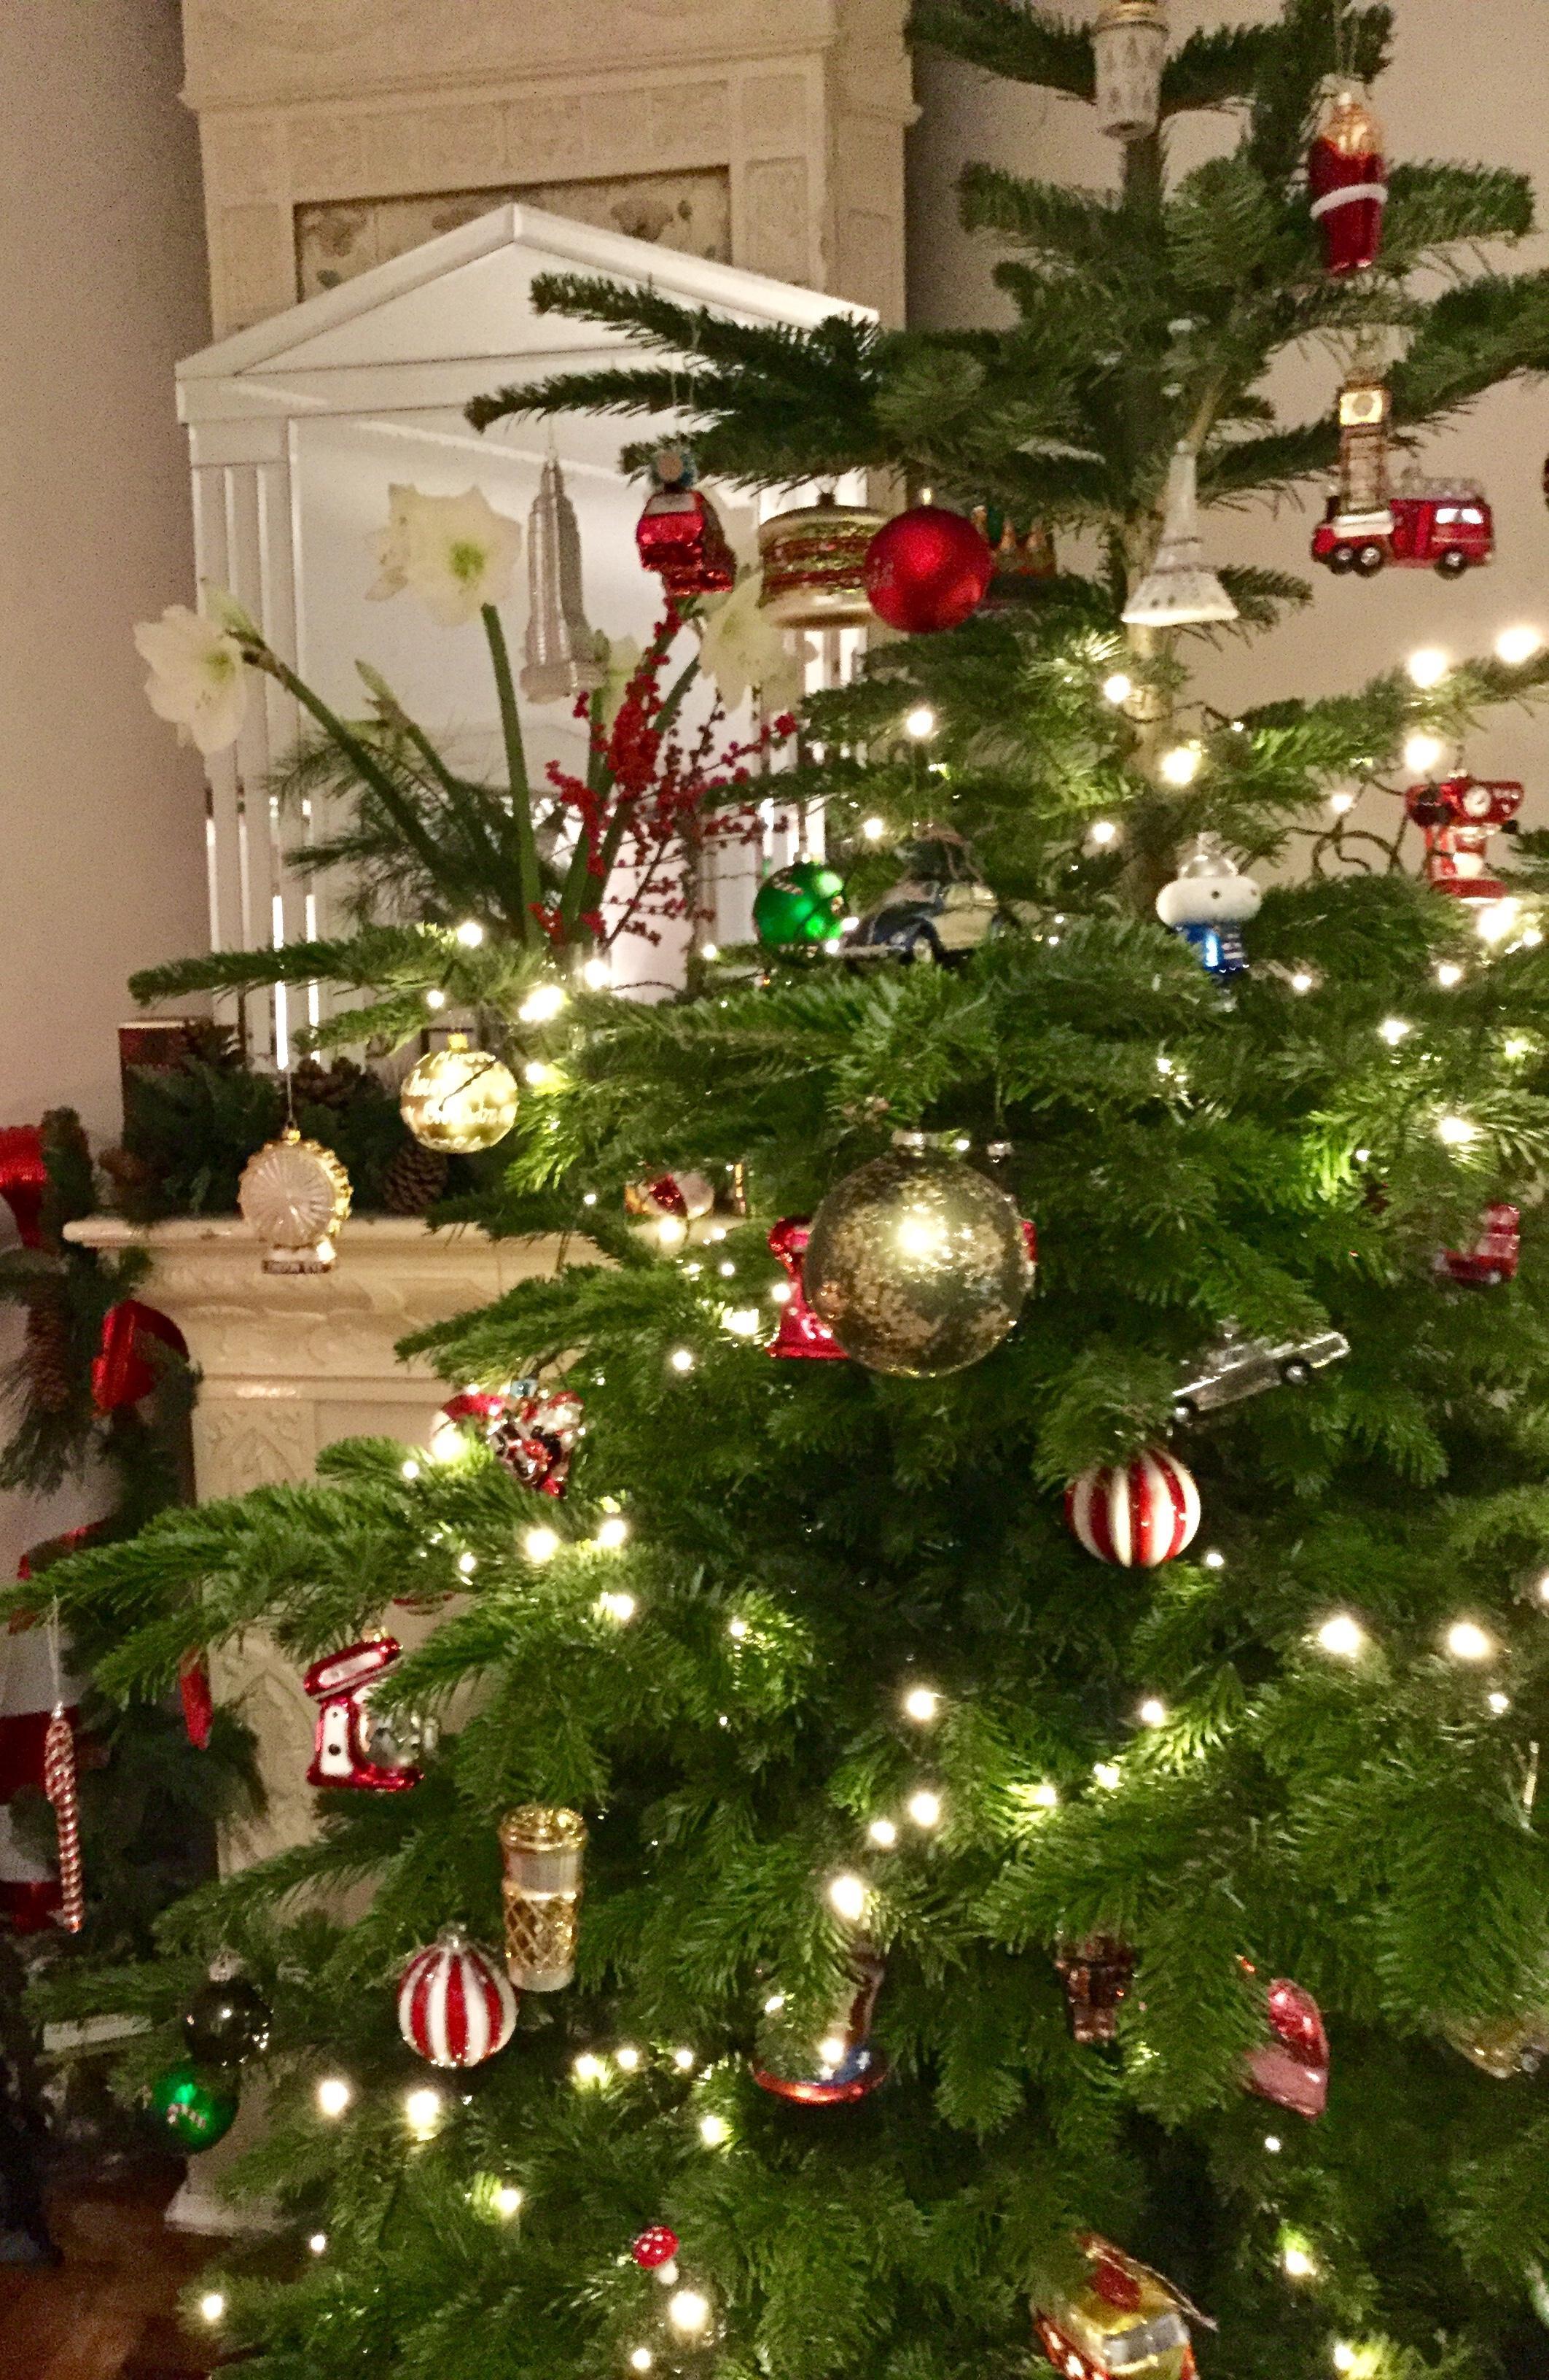 Weihnachtsbaum Weihnachten.Weihnachtsbaum Schmücken So Wird S Heimelig